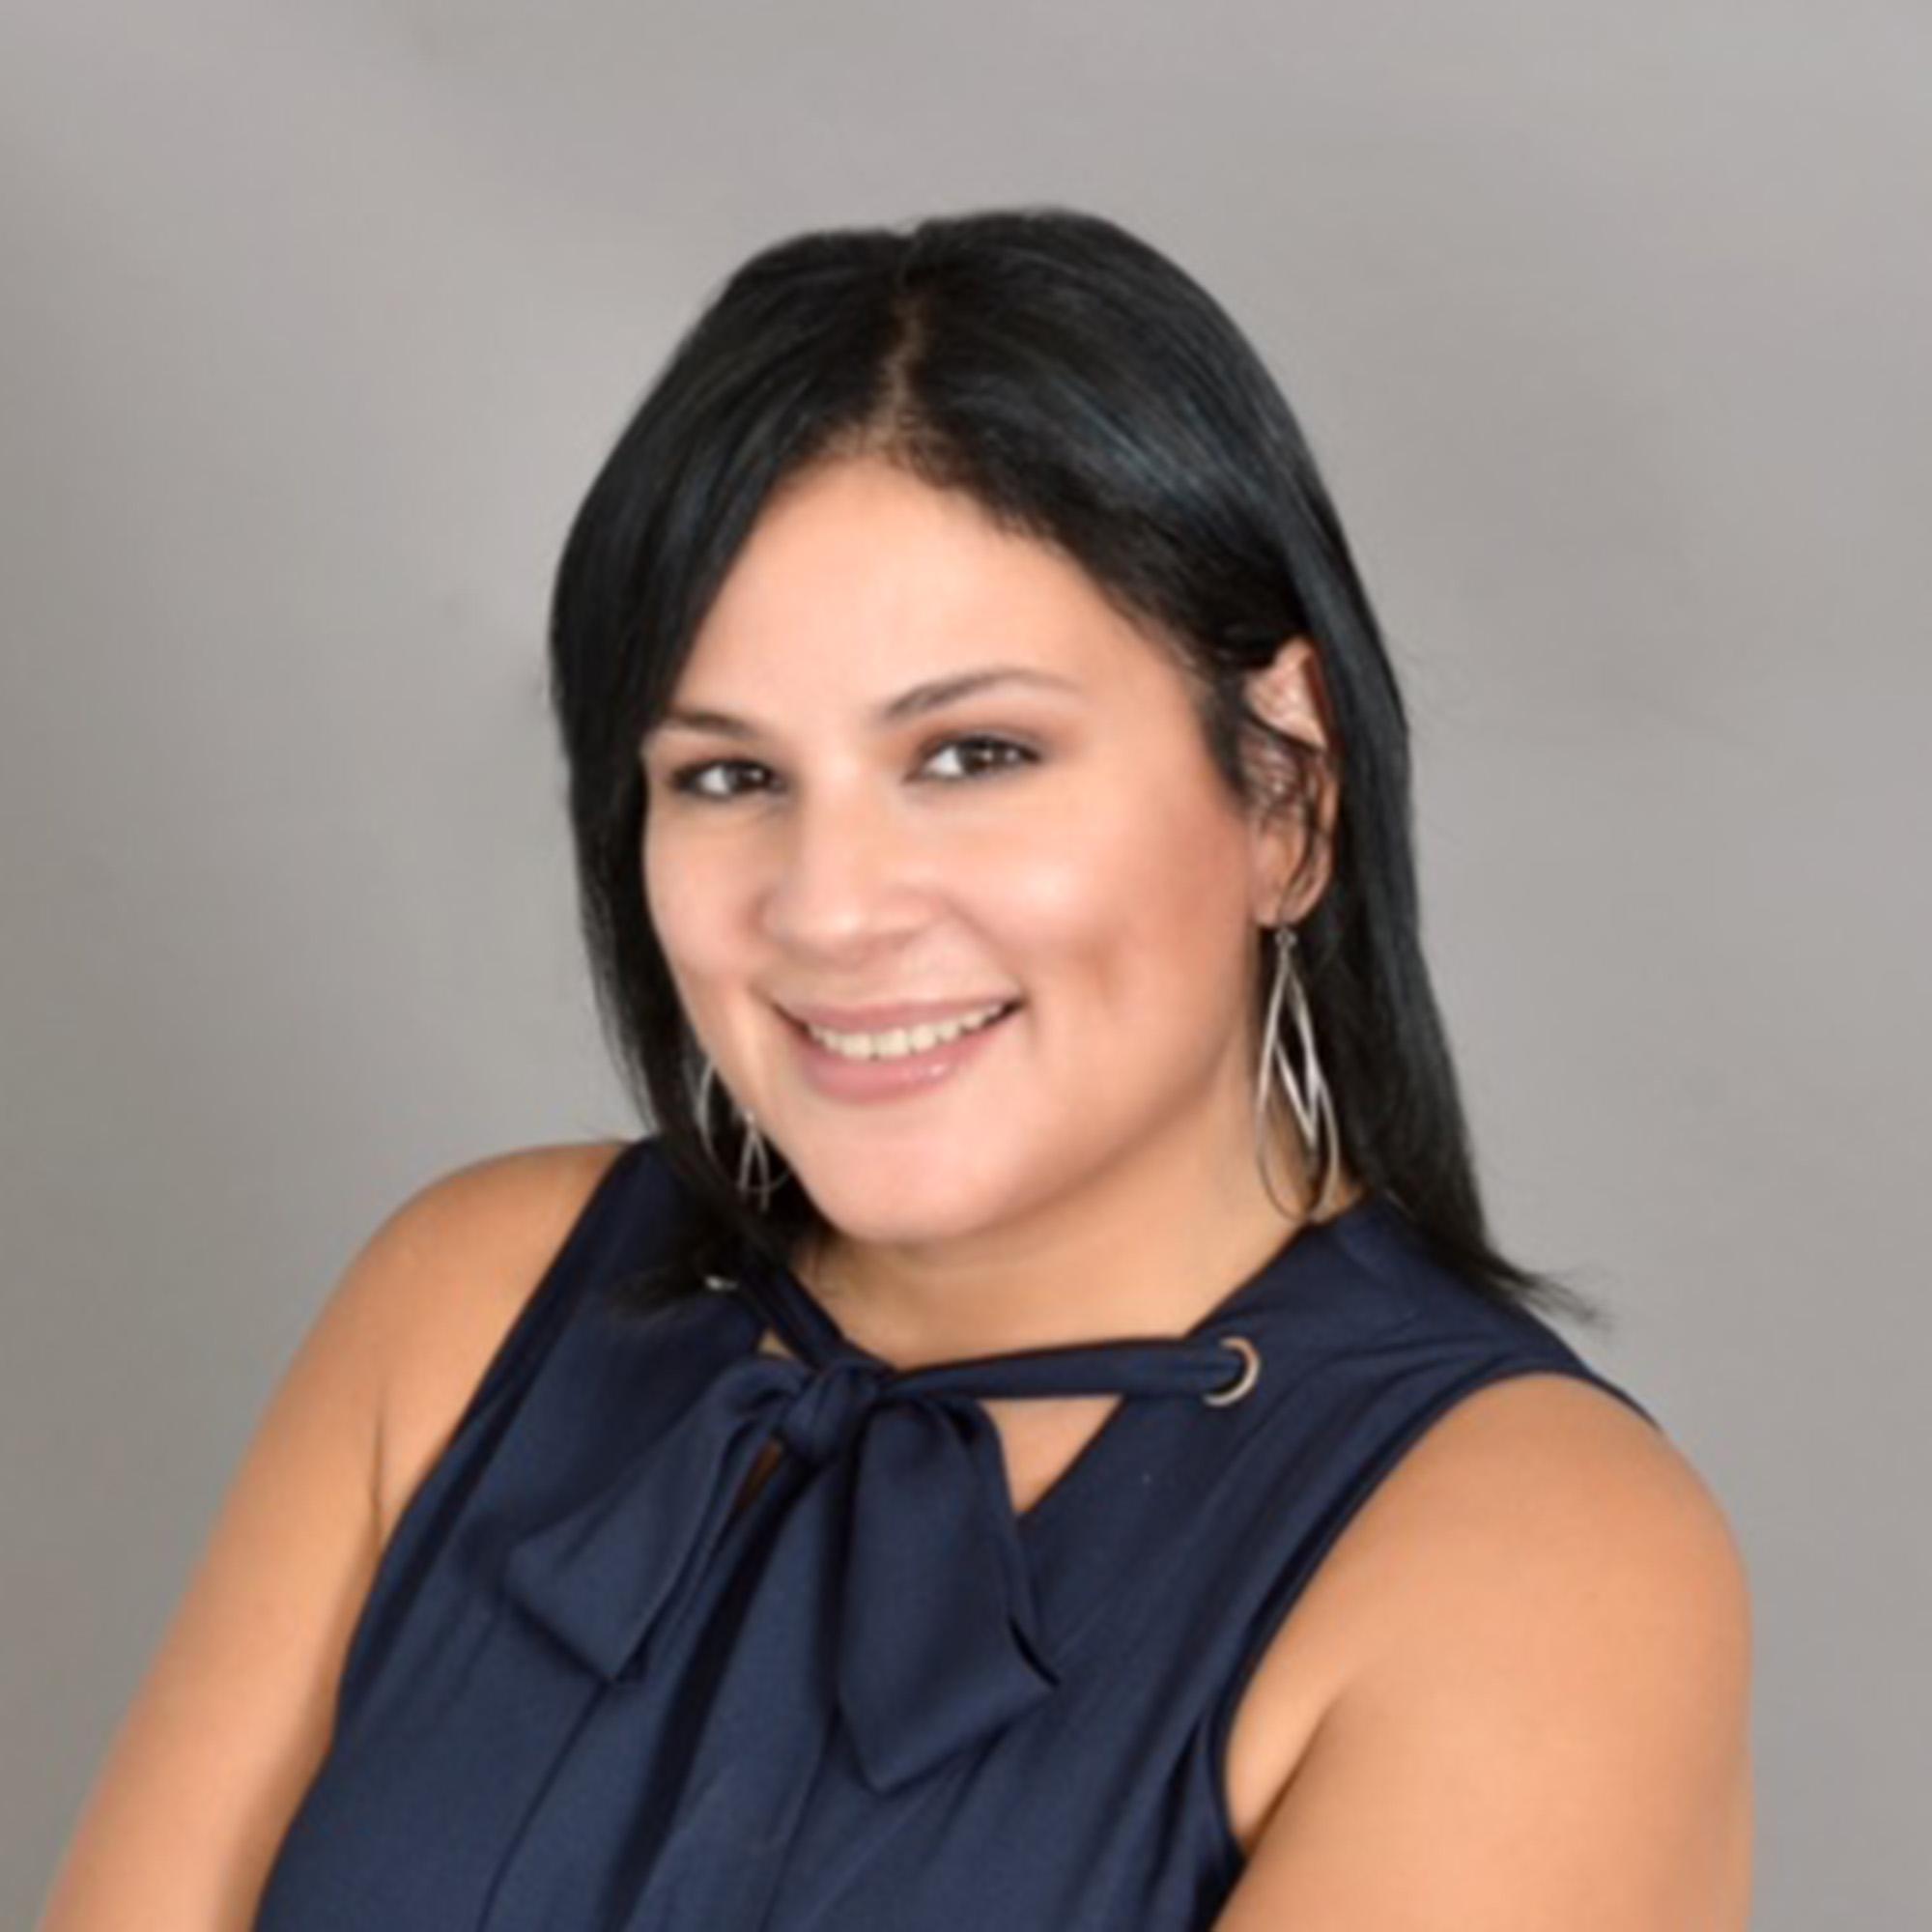 Michelle Mateo Bio